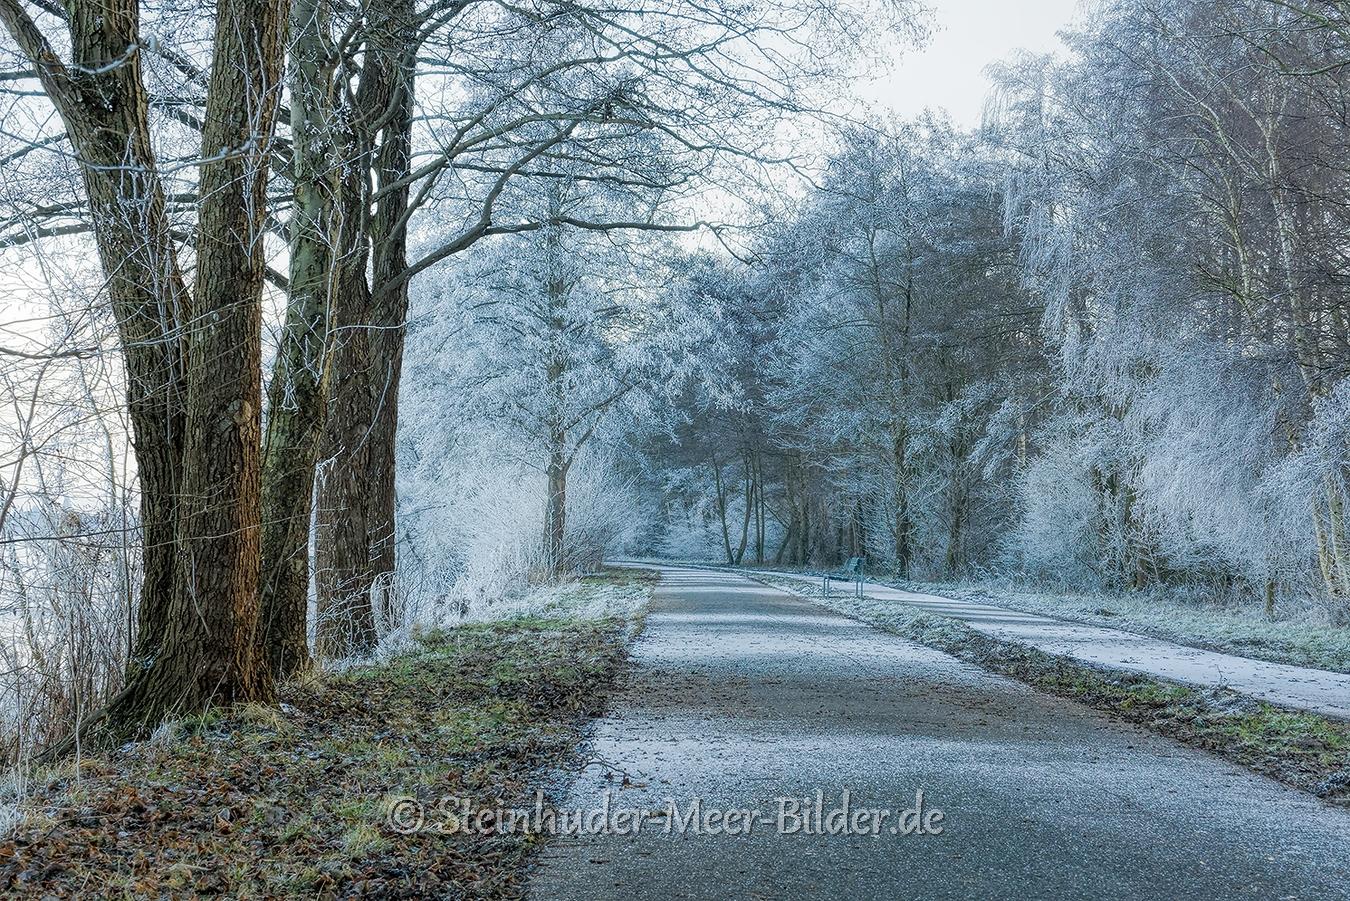 hagenburg--winter-steinhuder-meer-eis-schnee-zugefroren-eisdecke-naturpark-naturraum-region-RX_01136